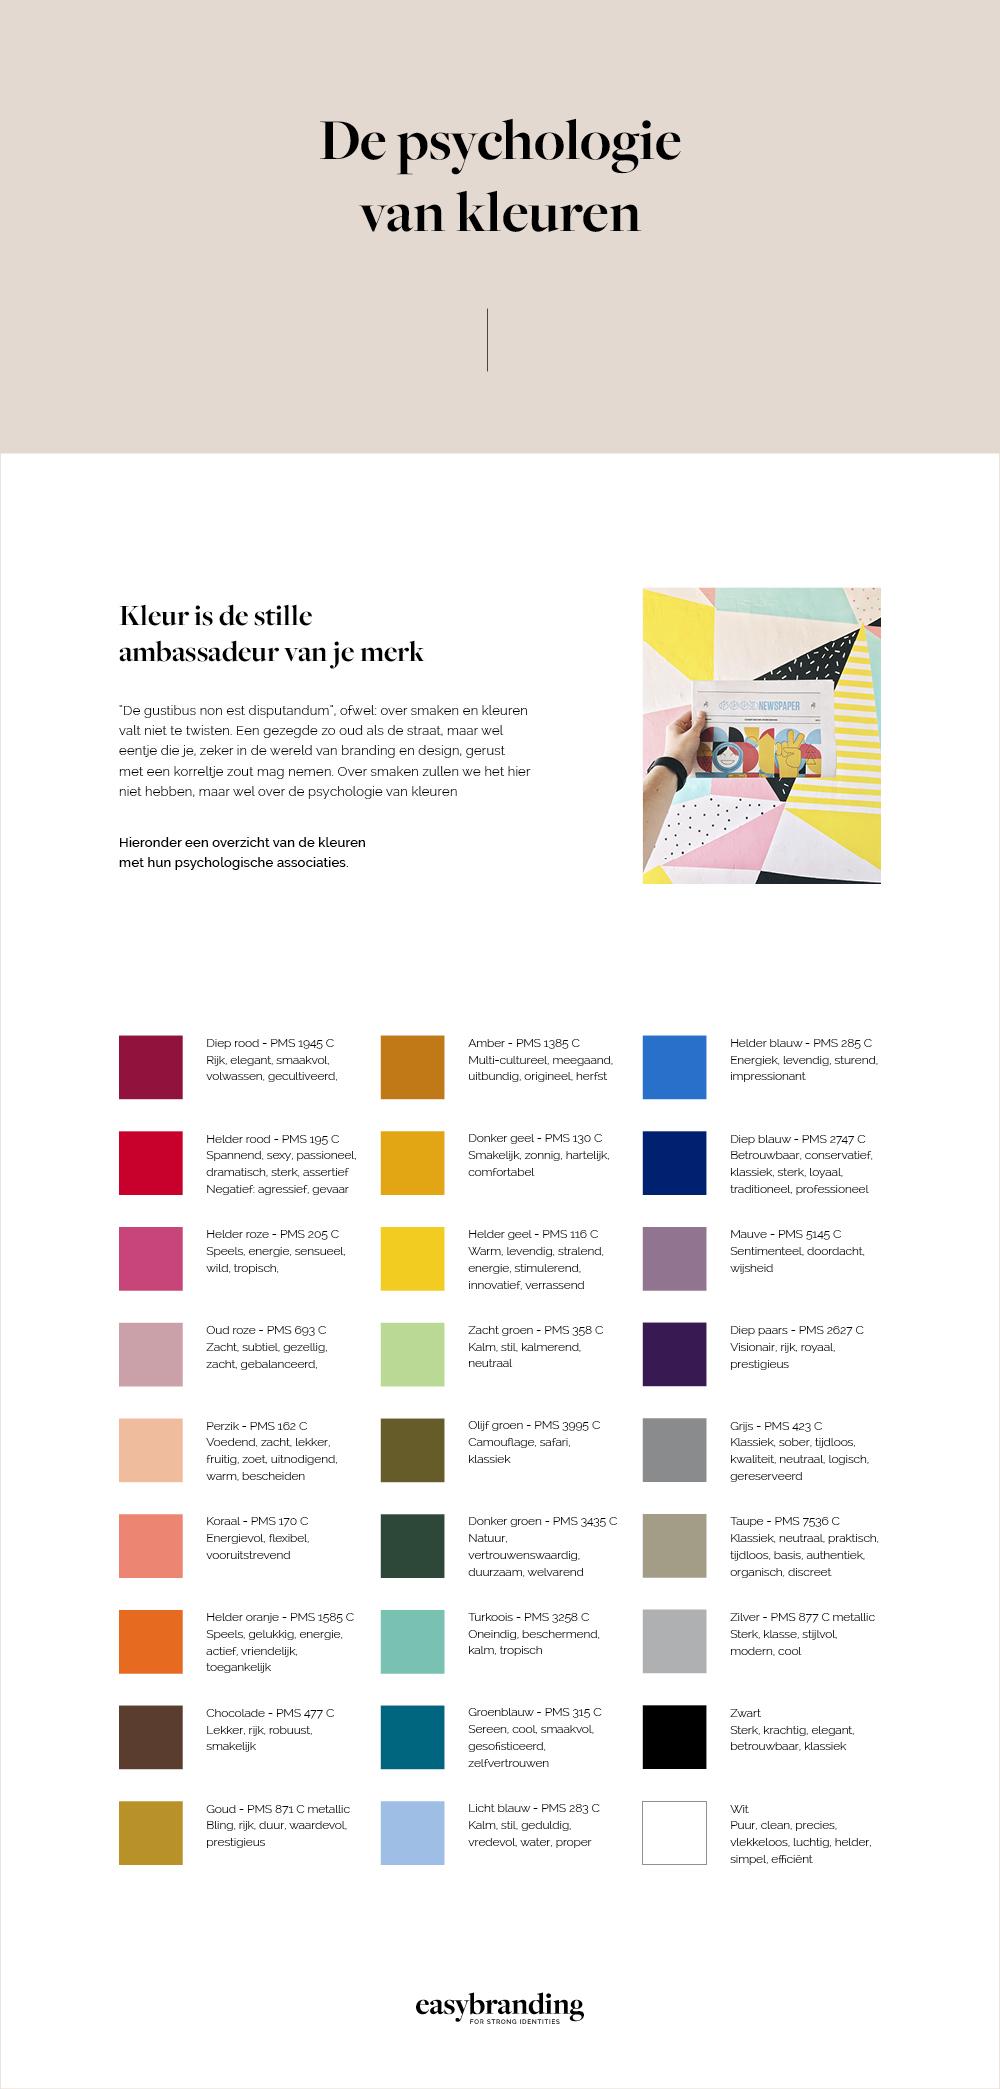 de psychologie van kleuren